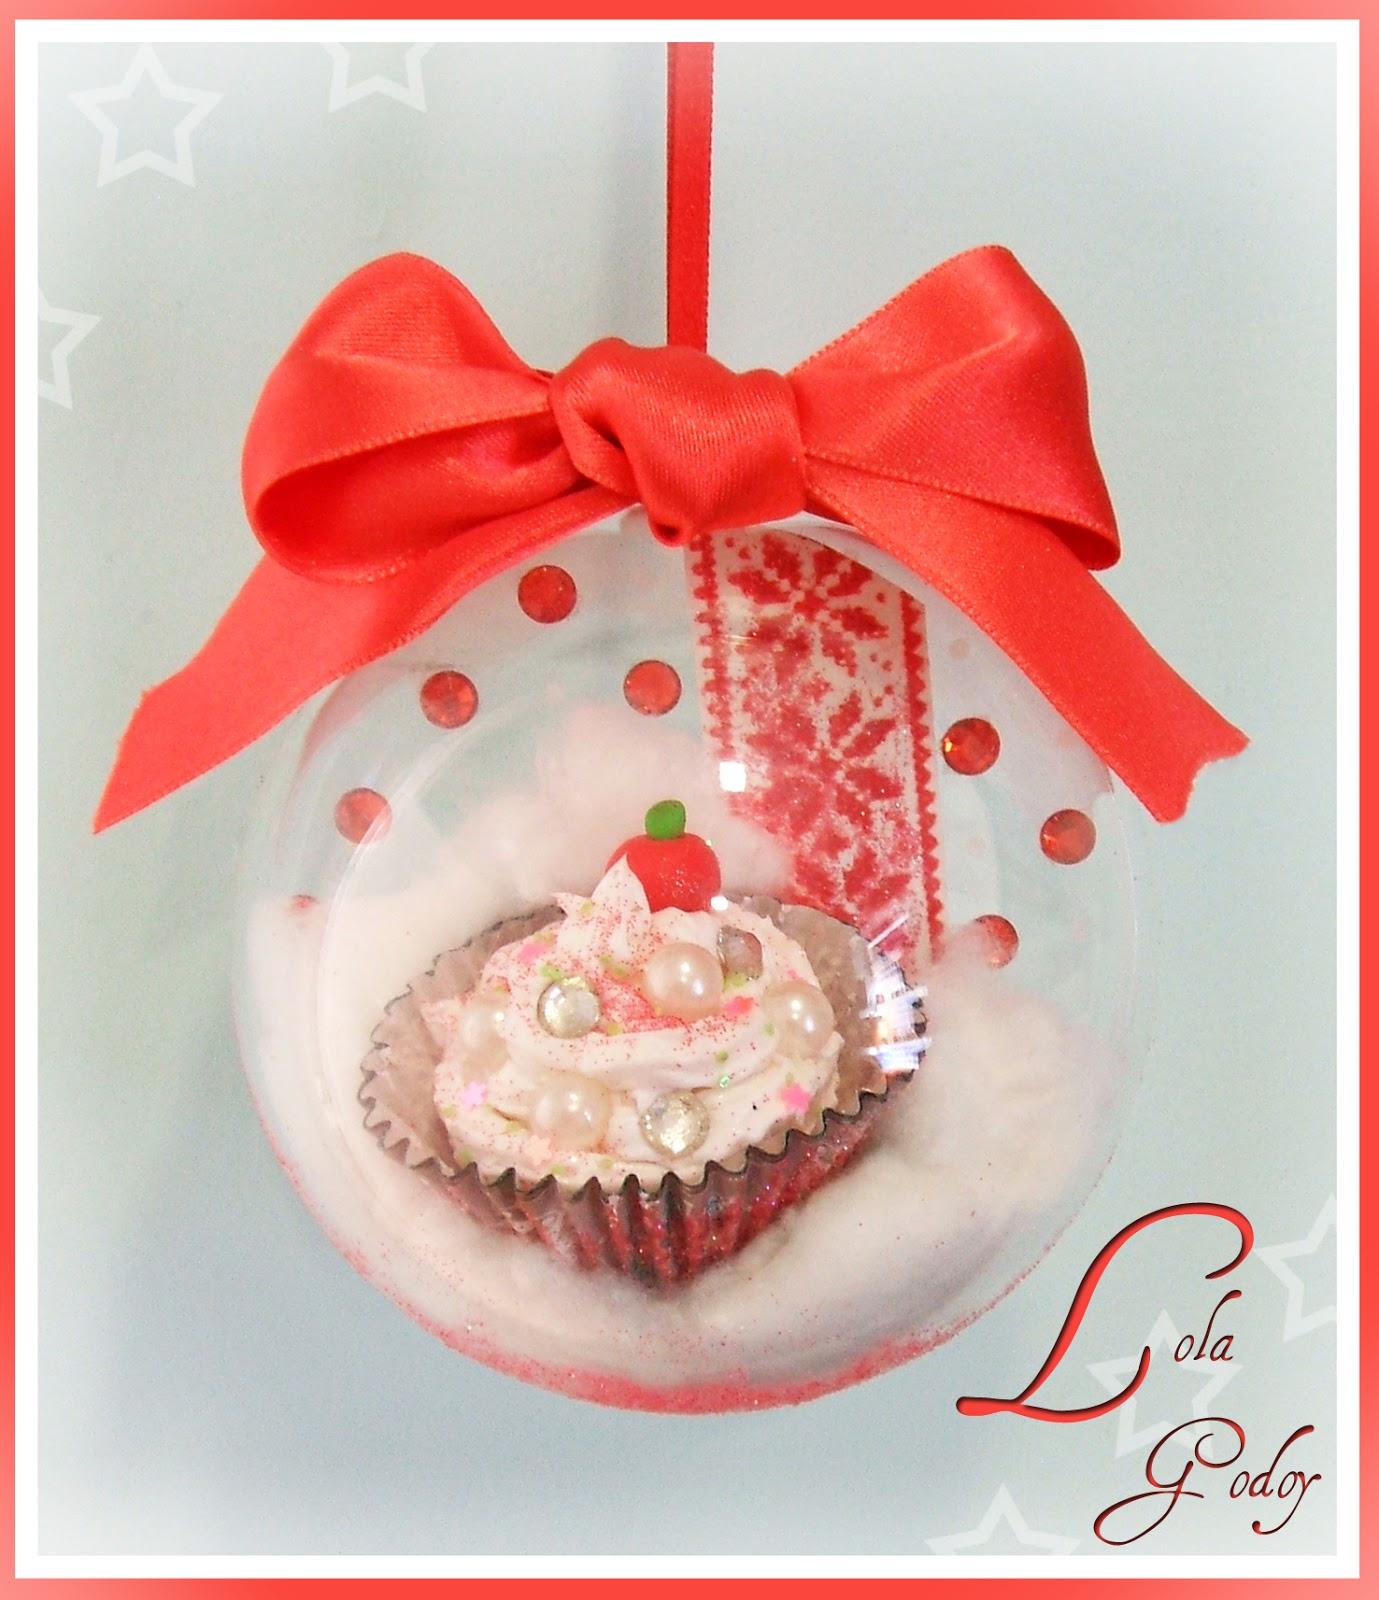 redecorate con lola godoy dulce navidad con bolas hechas